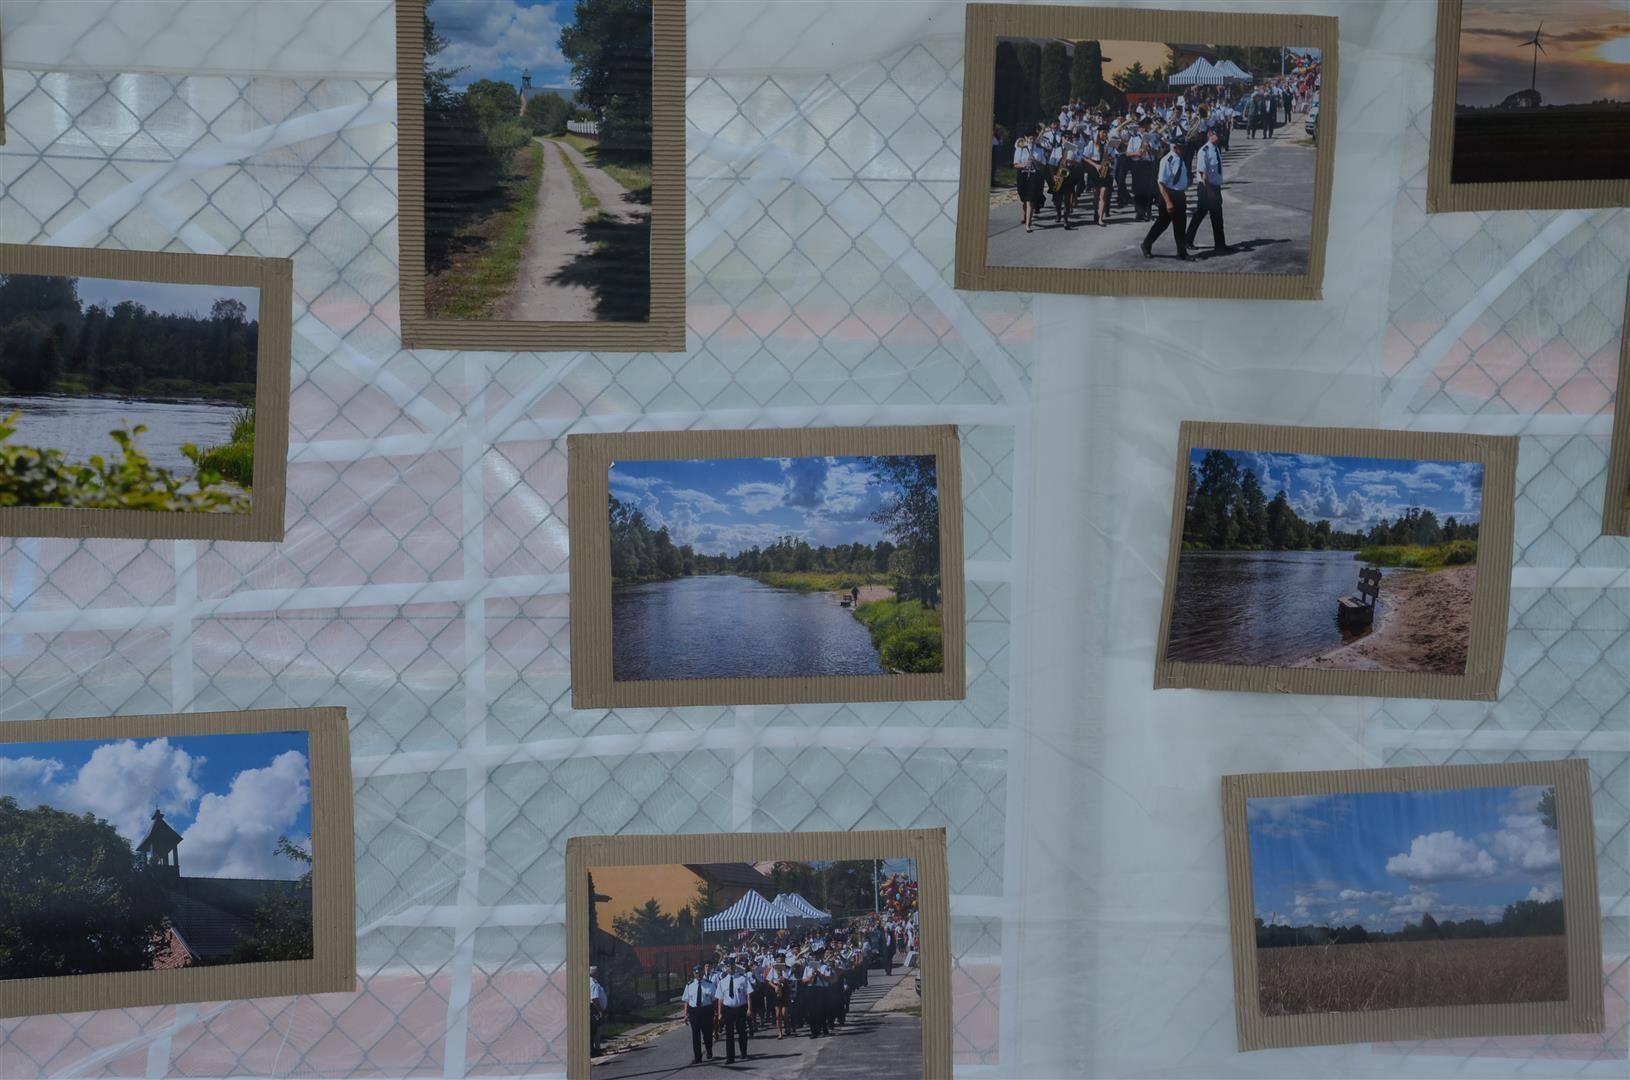 Tego dnia mieszkancy Laszewa swietowali 80 lecie Ochotniczej Strazy Pozarnej.xx&oh=61a3606659a9806c28f927a582c31ed9&oe=5E93B0BE - Tego dnia mieszkańcy Łaszewa  świętowali 80-lecie Ochotniczej Straży Pożarnej . ...